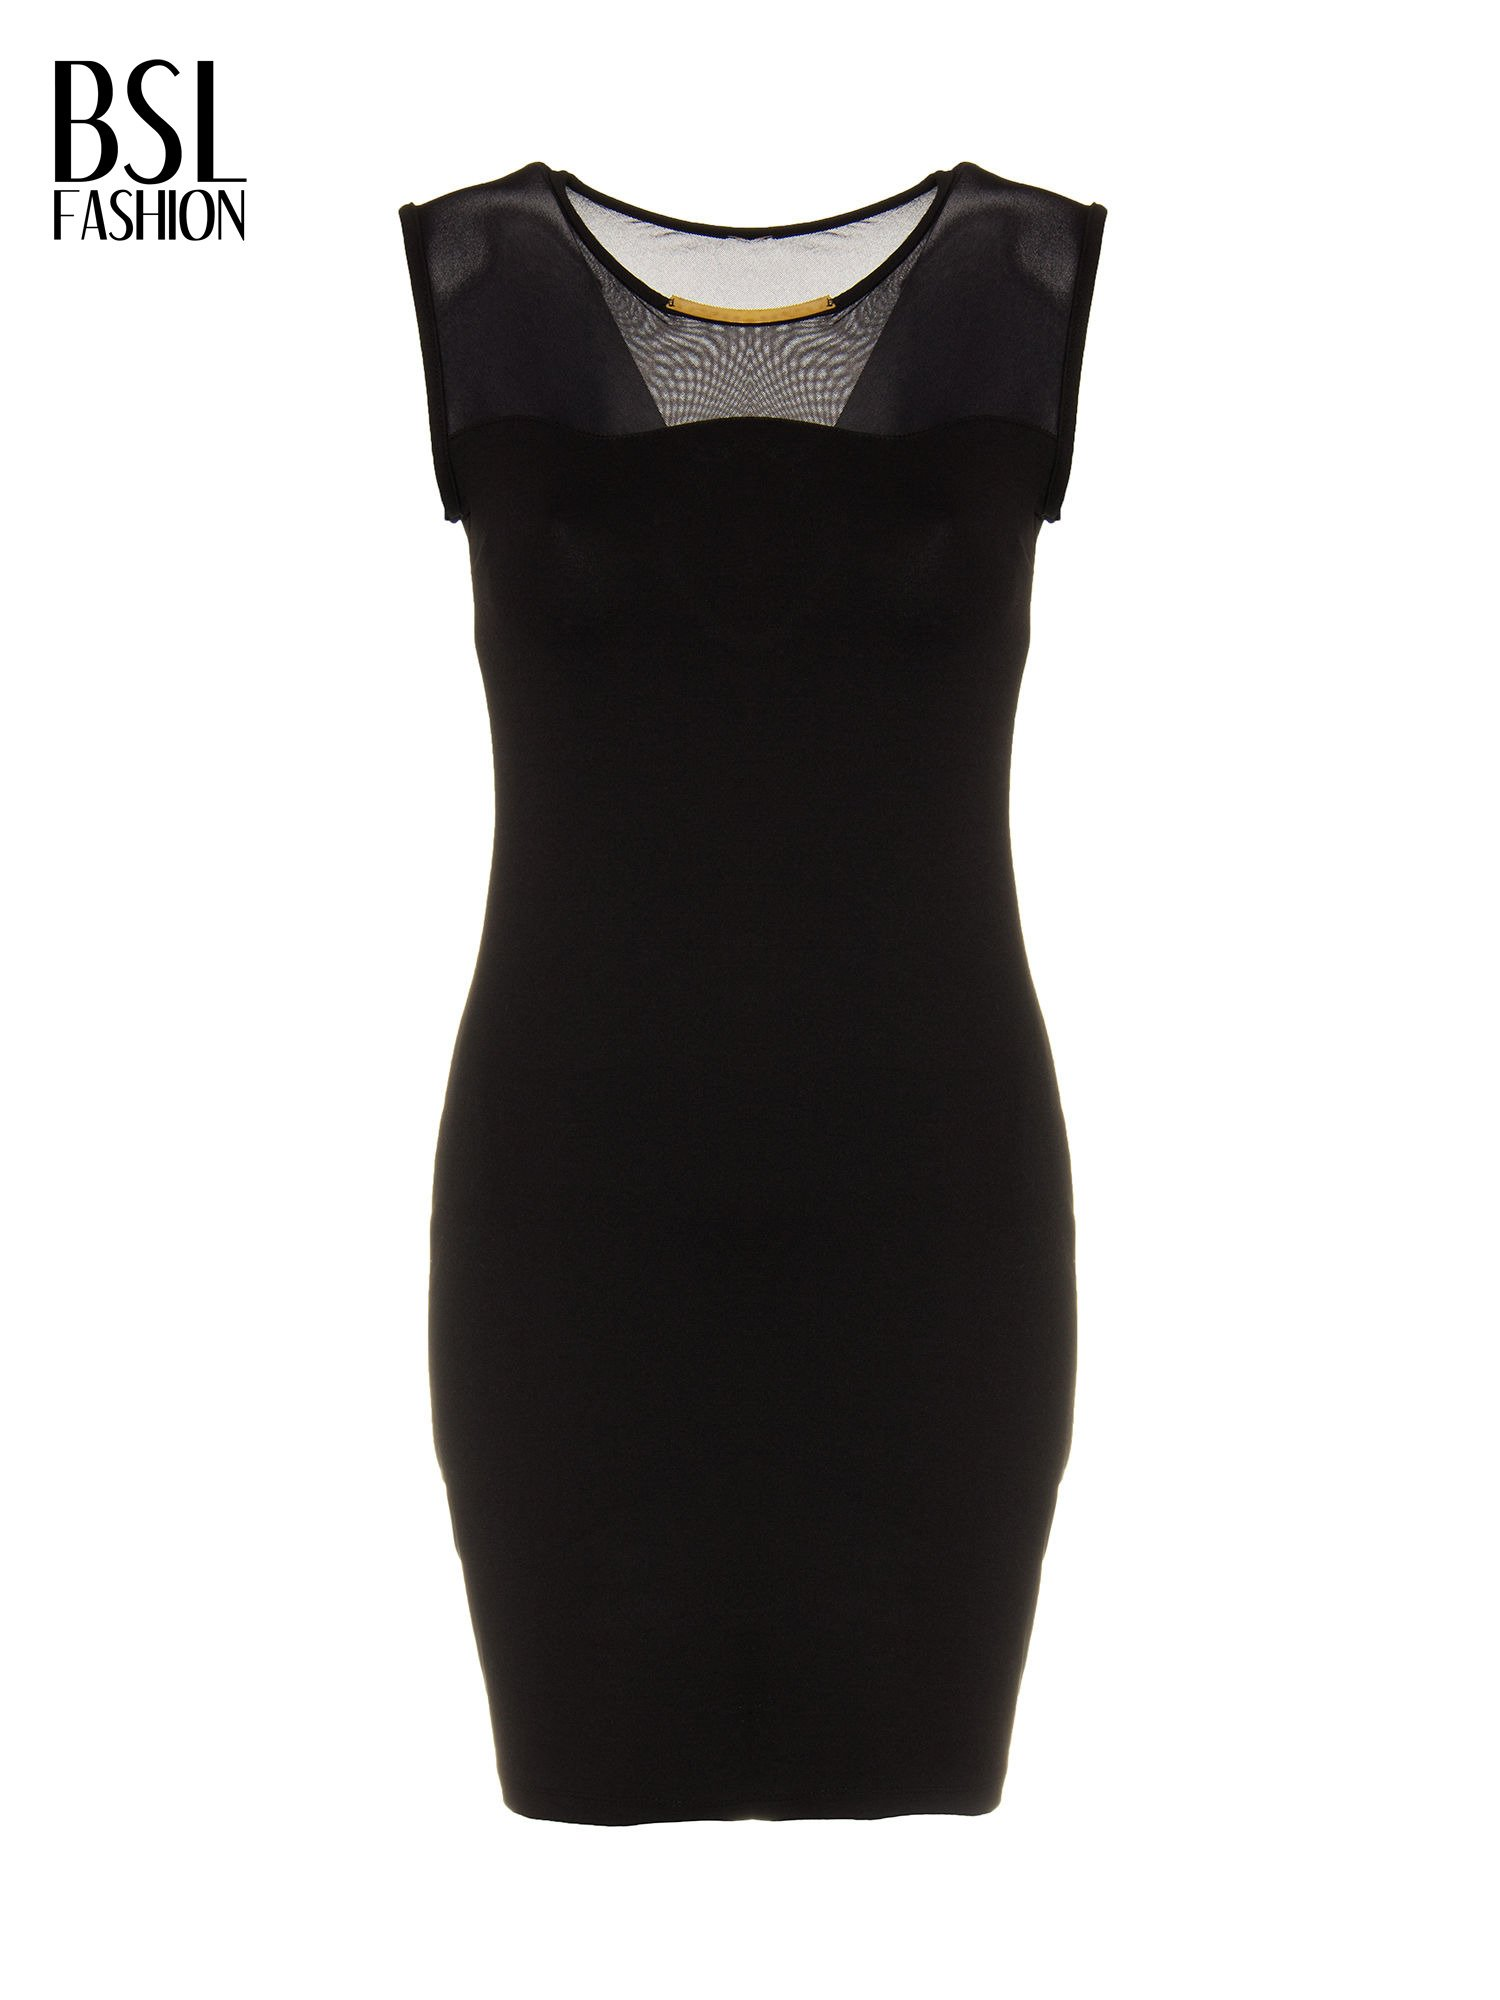 Czarna sukienka z siateczkowymi wstawkami na dekolcie i plecach                                  zdj.                                  2